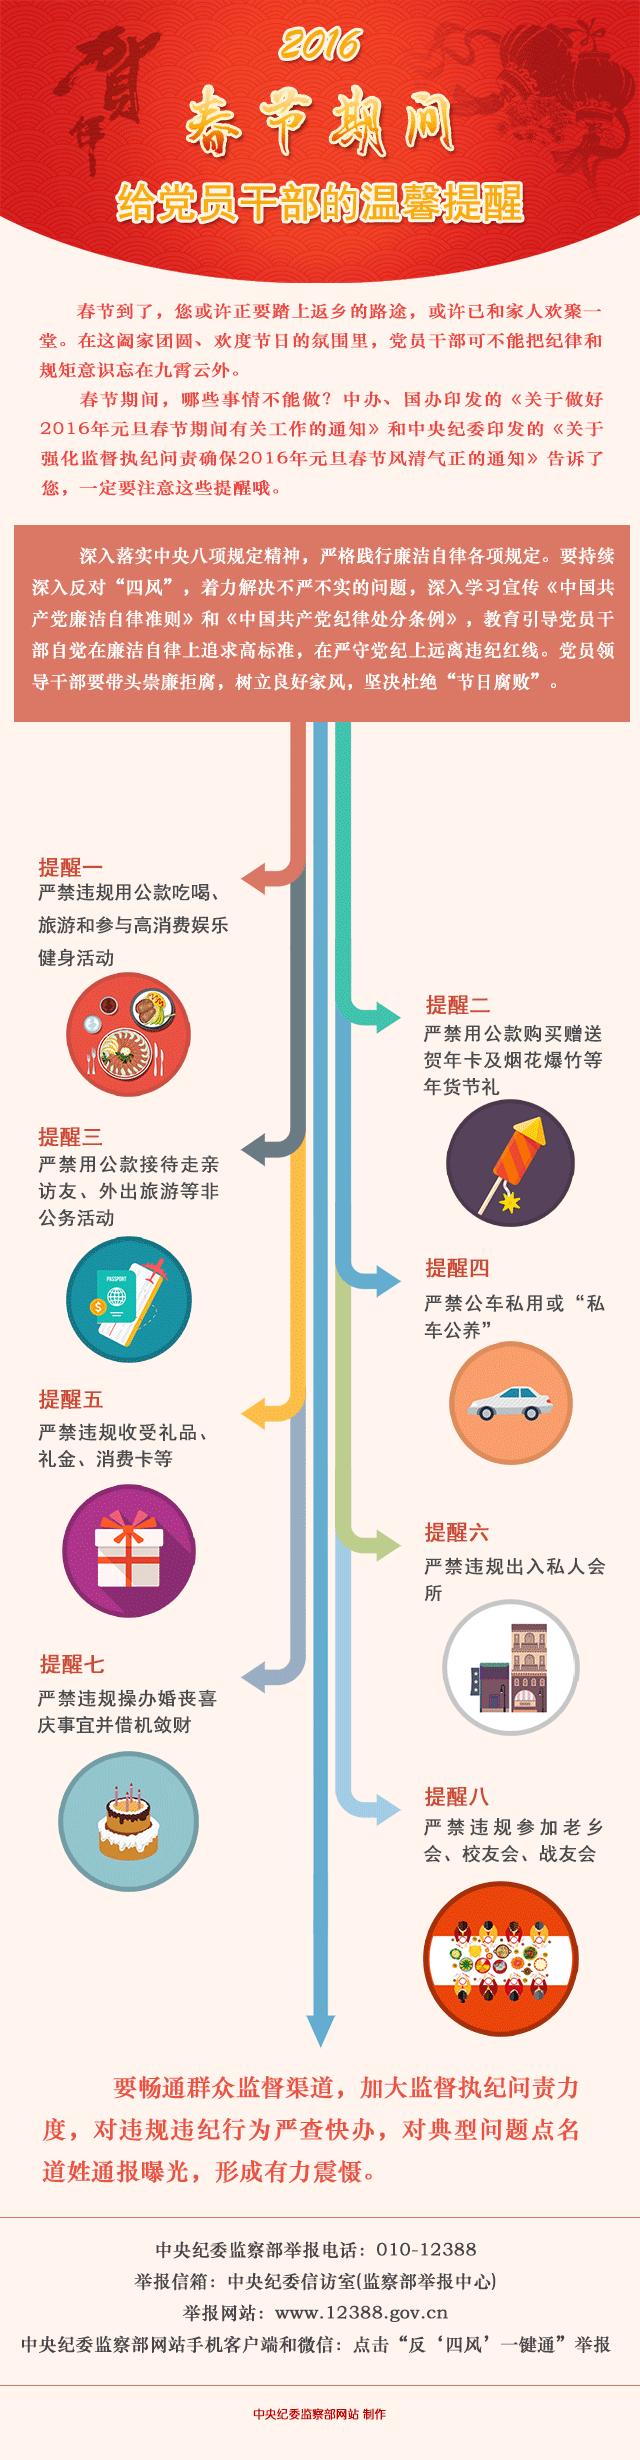 中纪委:春节期间给党员干部的温馨提醒